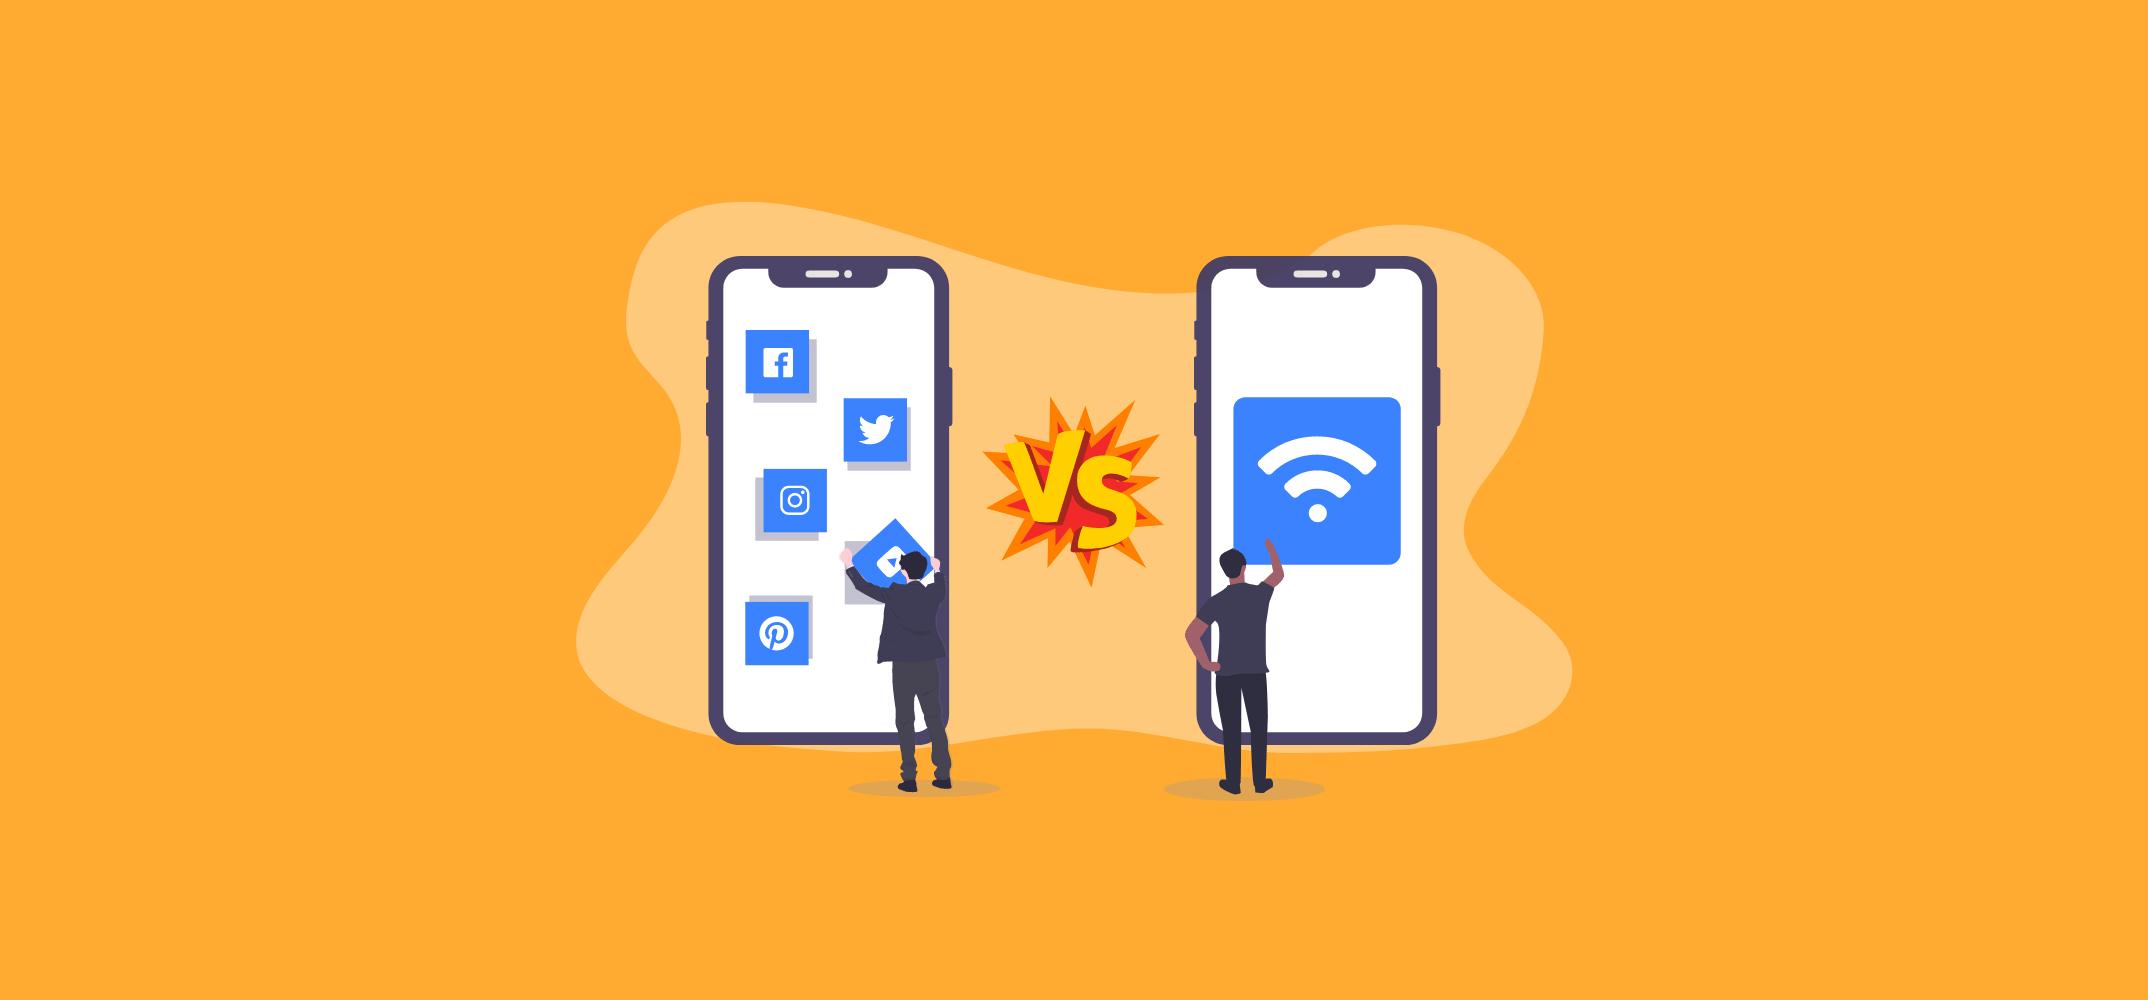 Реклама в соцсетях против рекламы на Wi-Fi